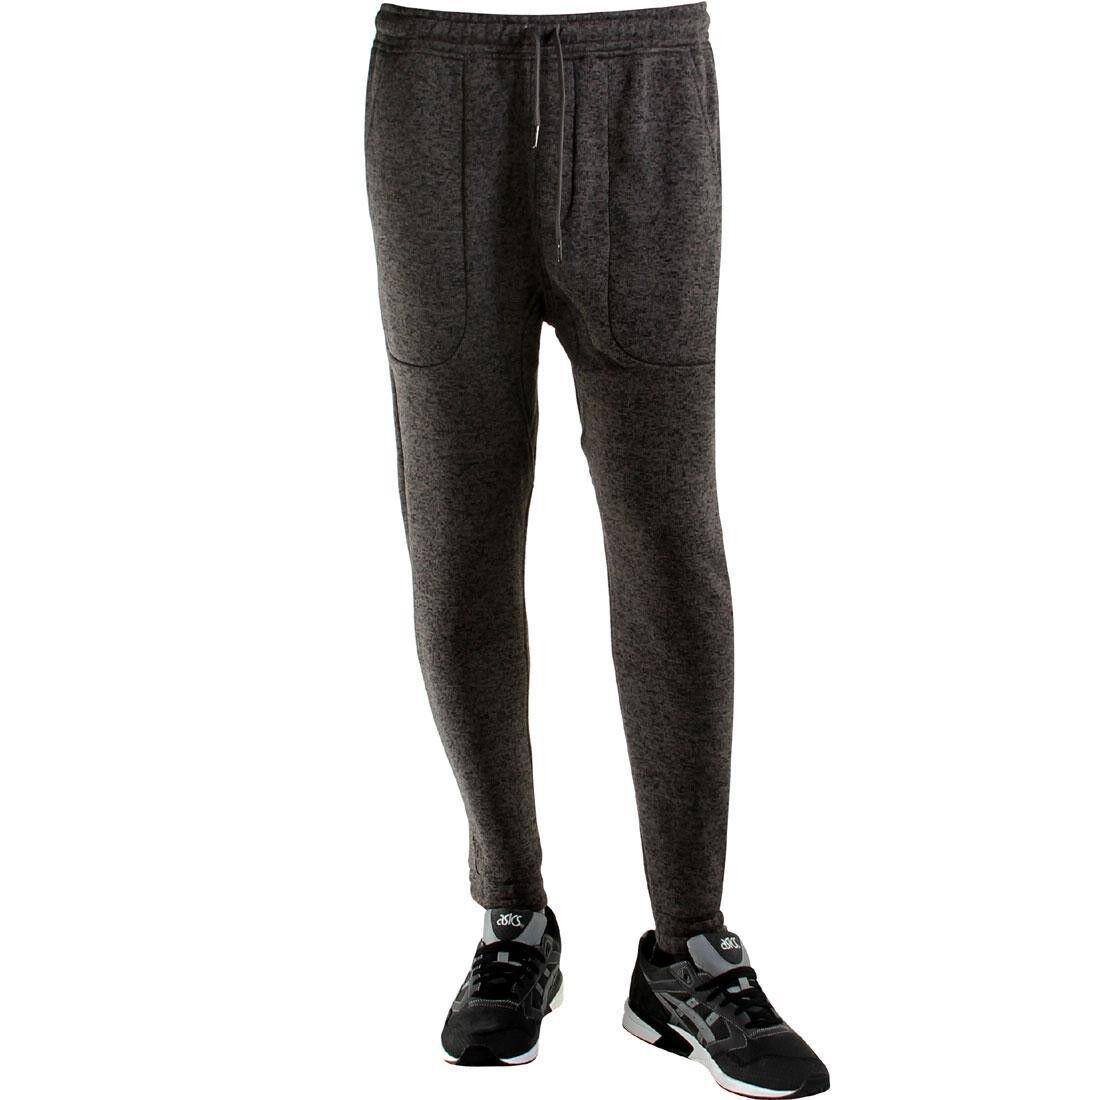 Publish Noel HeatheROT Jogger Pants (grau / charcoal)